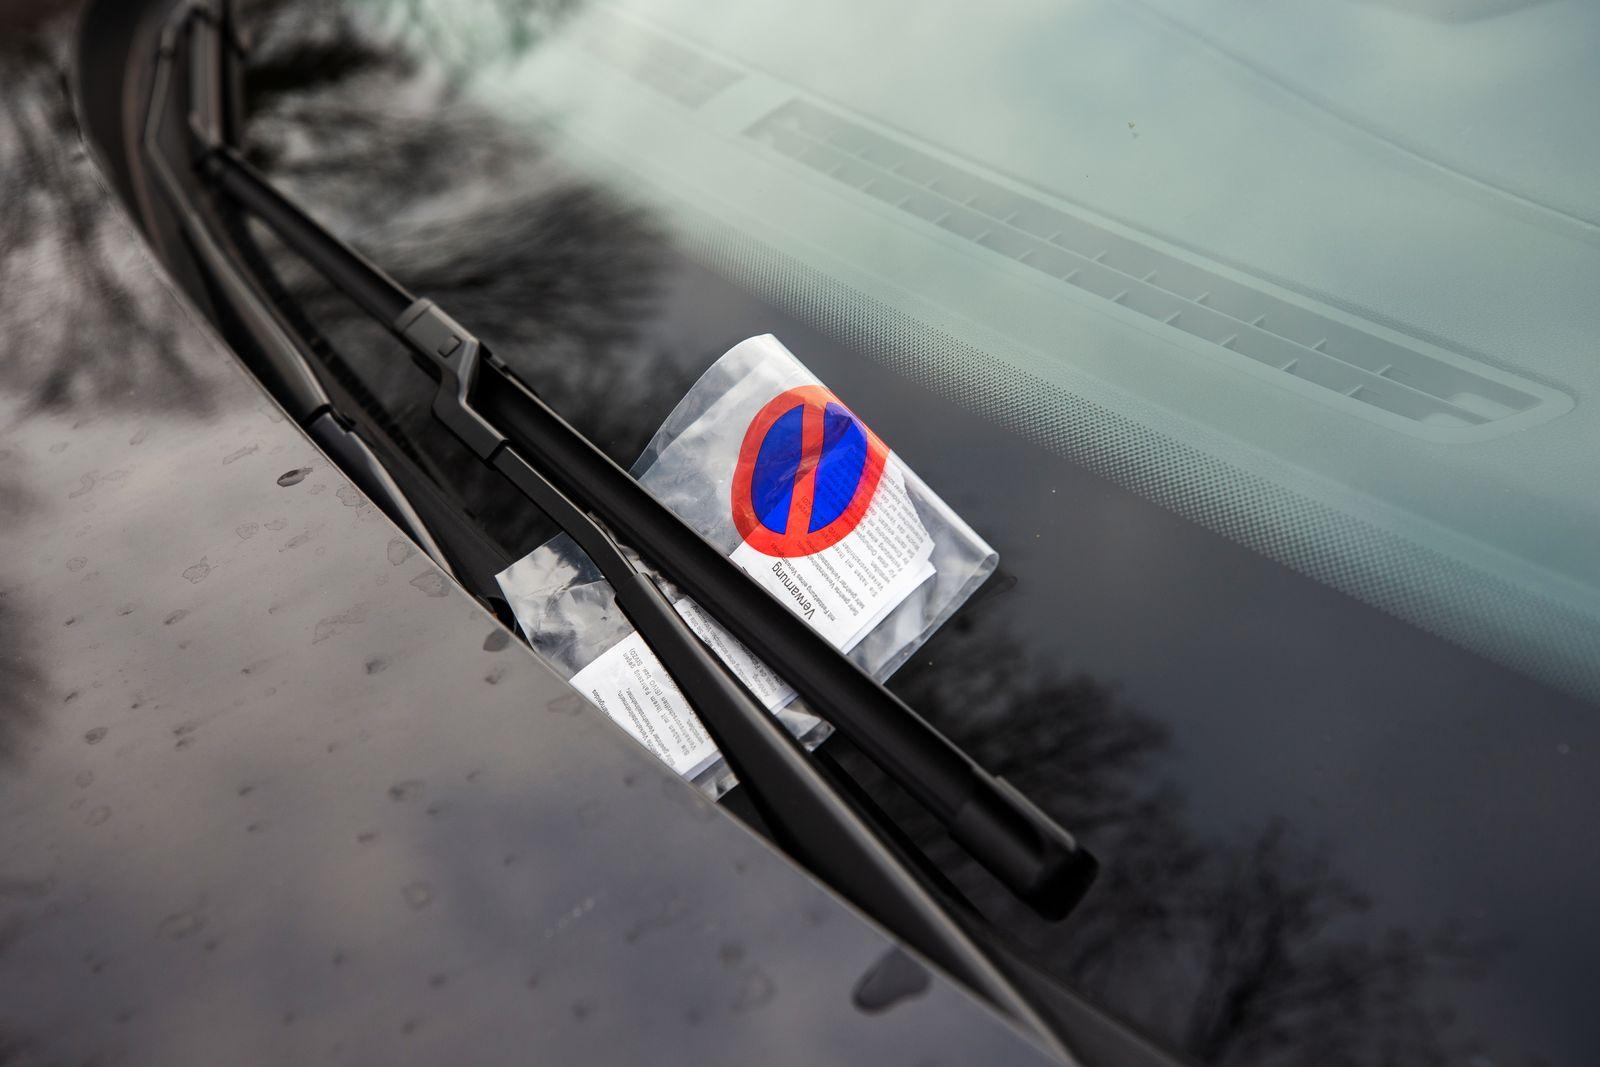 Verwarnung wegen Falschparken